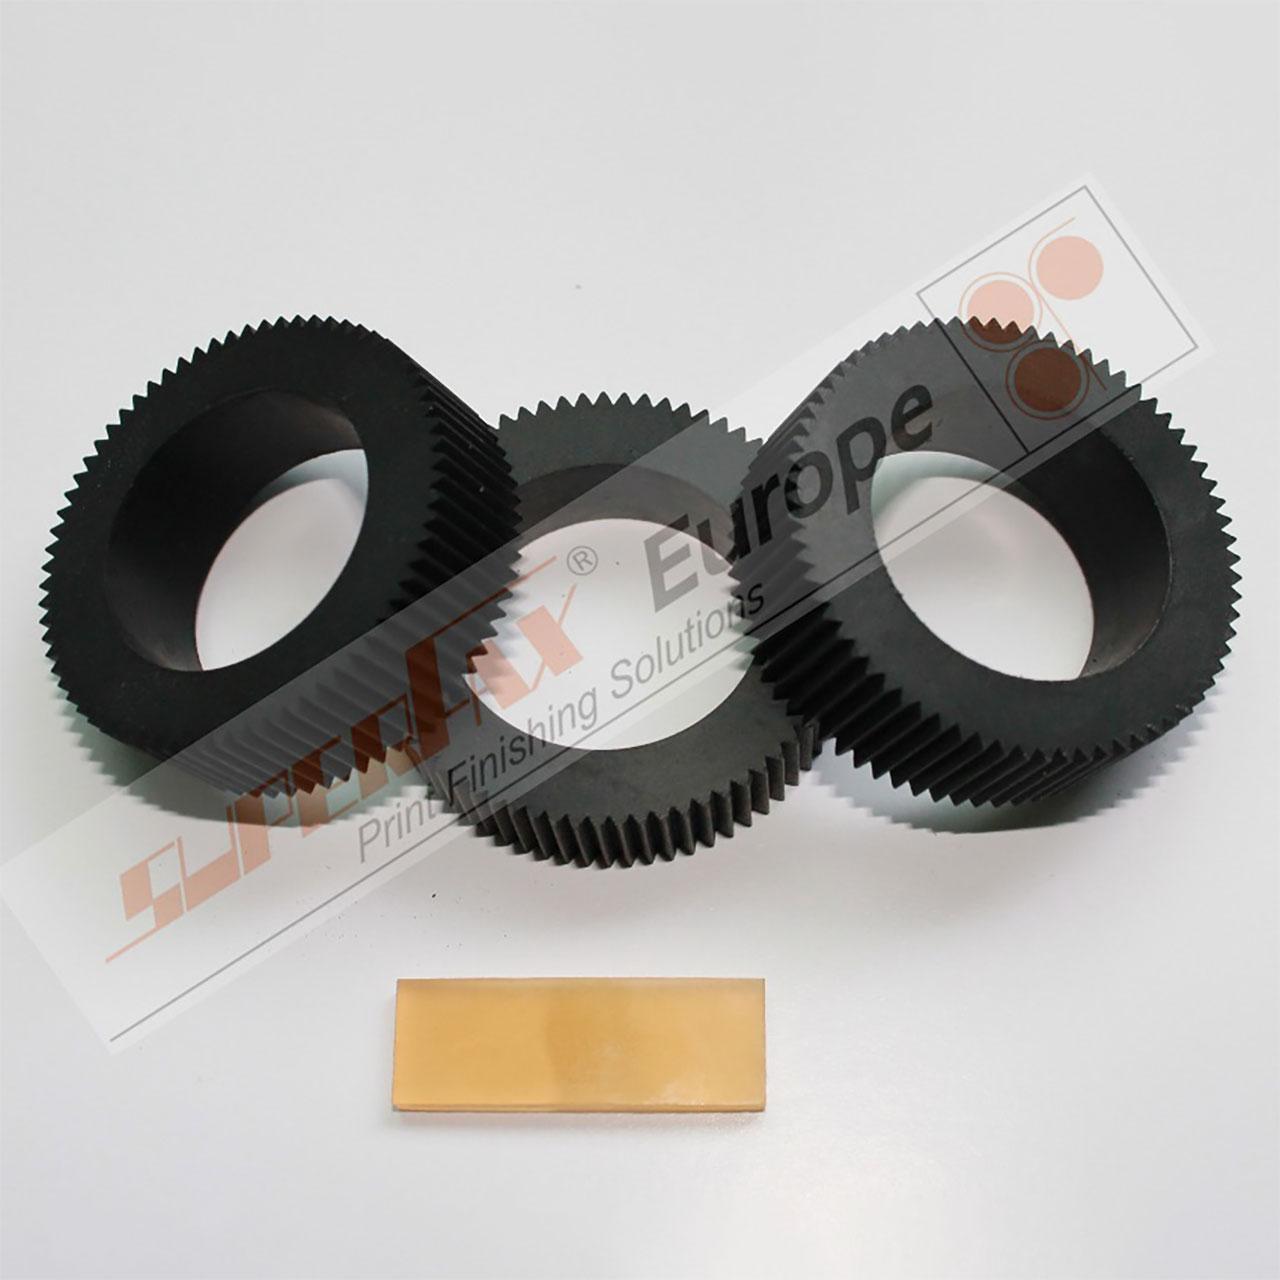 Papiereinzug-Reparatur-Set für SUPERFAX Falzmaschinen